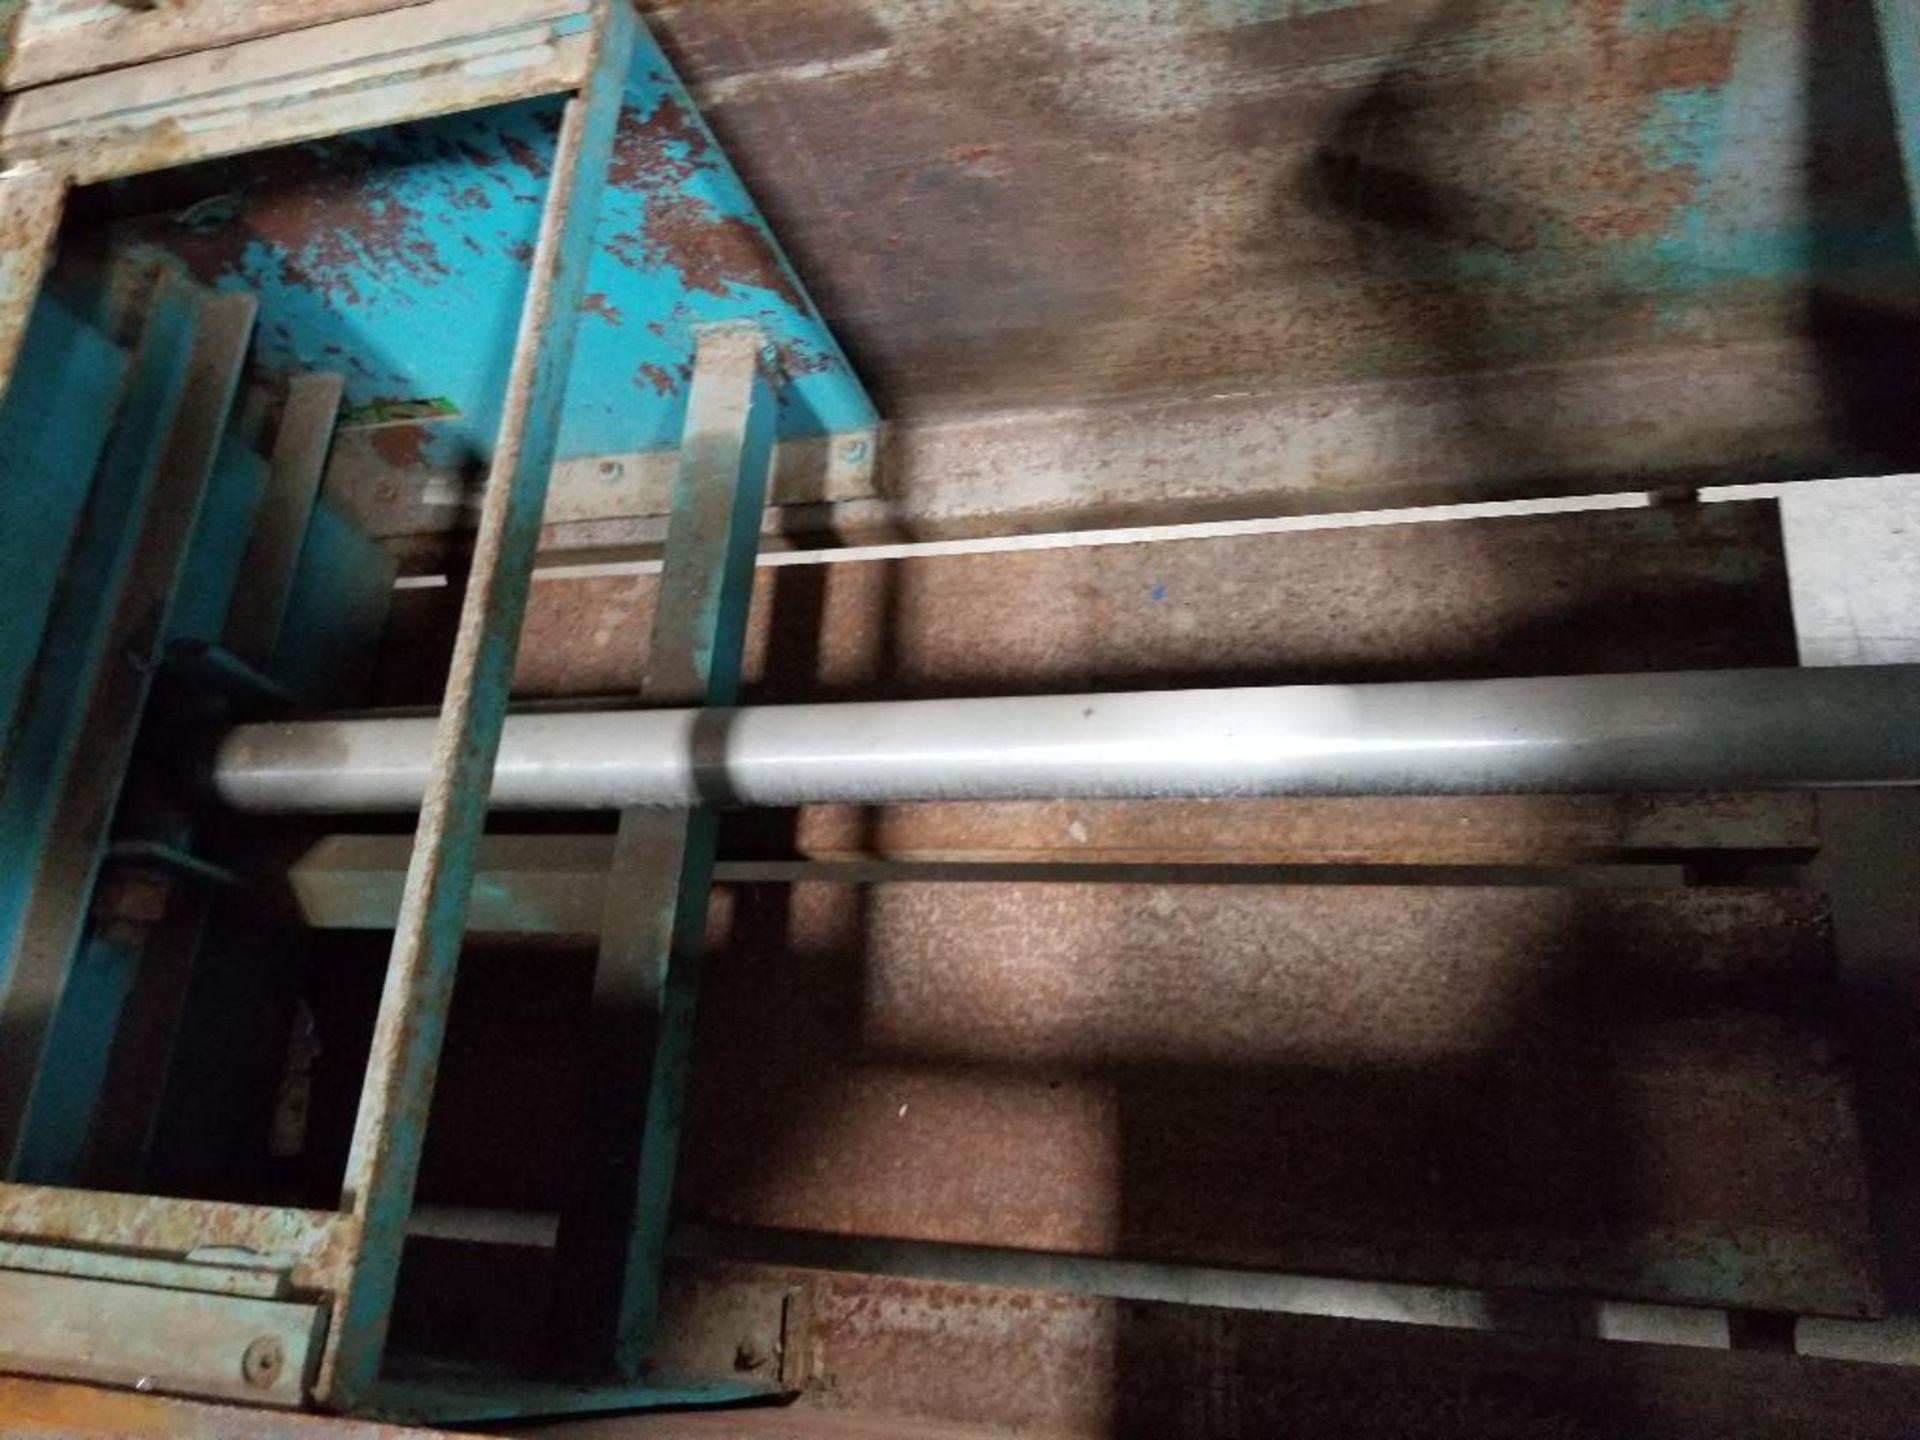 Balemaster baling machine. Model 142-0. - Image 8 of 16